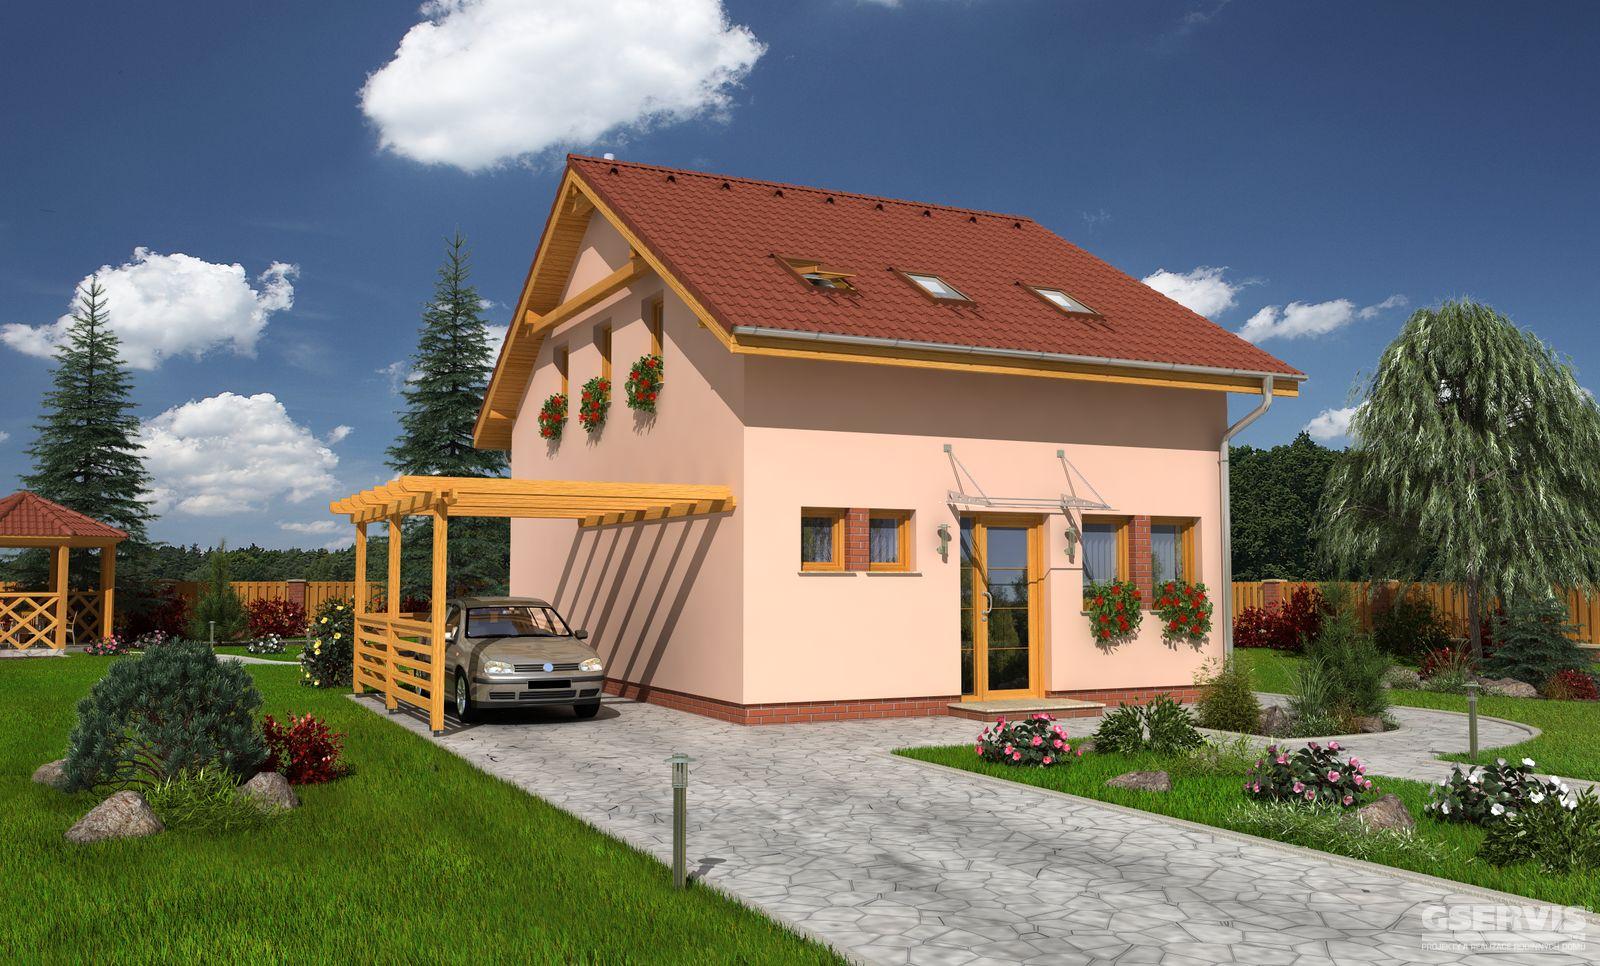 Model domu Dukát, který stavíme levně jako dřevostavbu na klíč